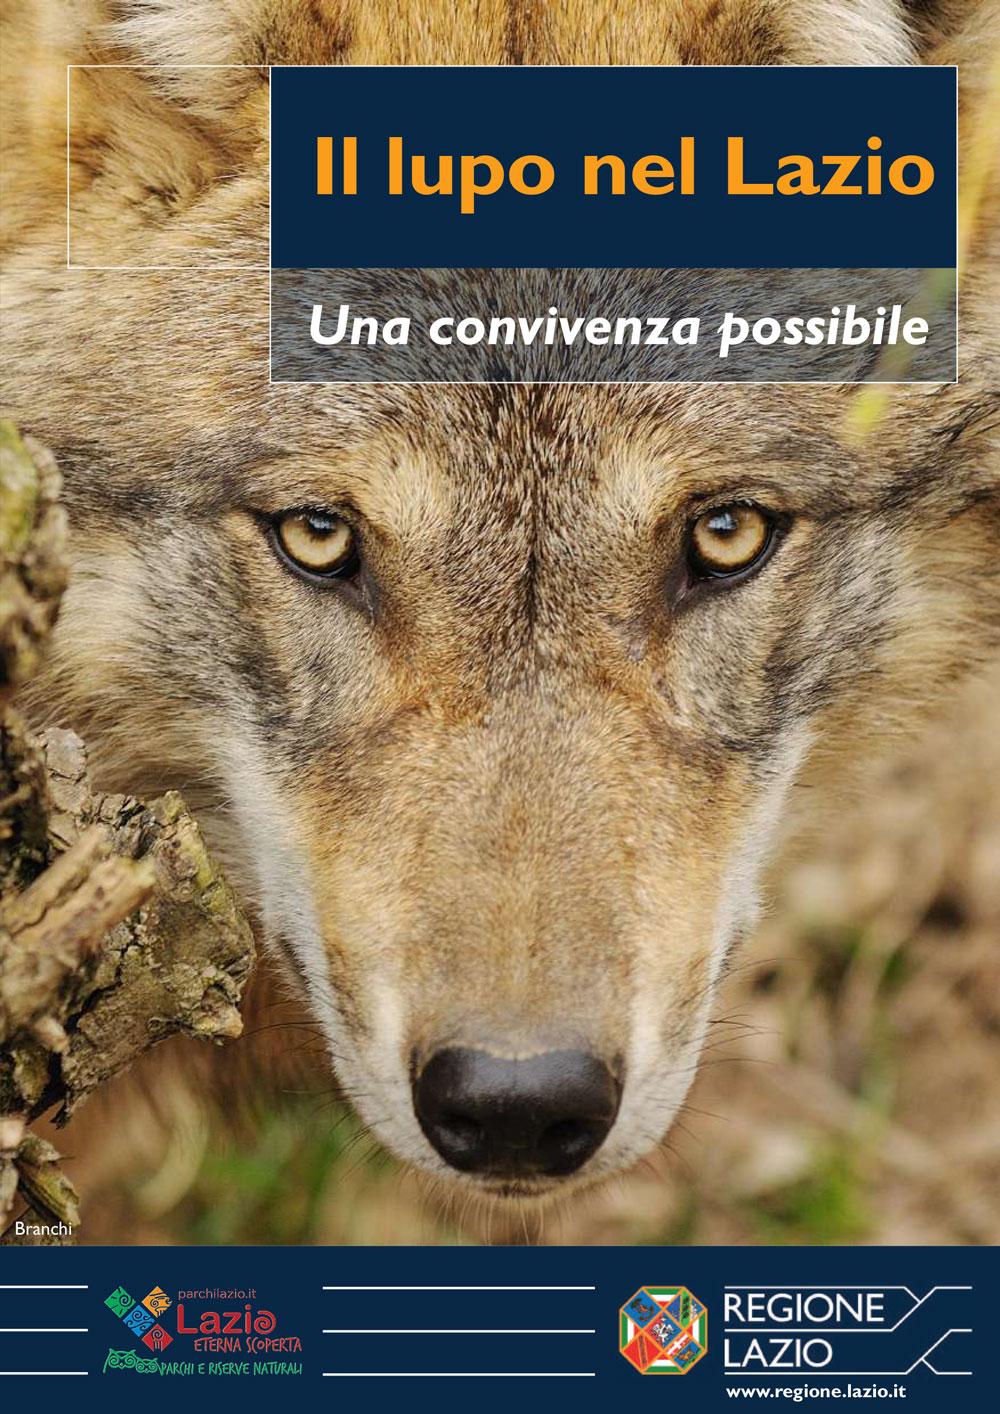 Il lupo nel Lazio